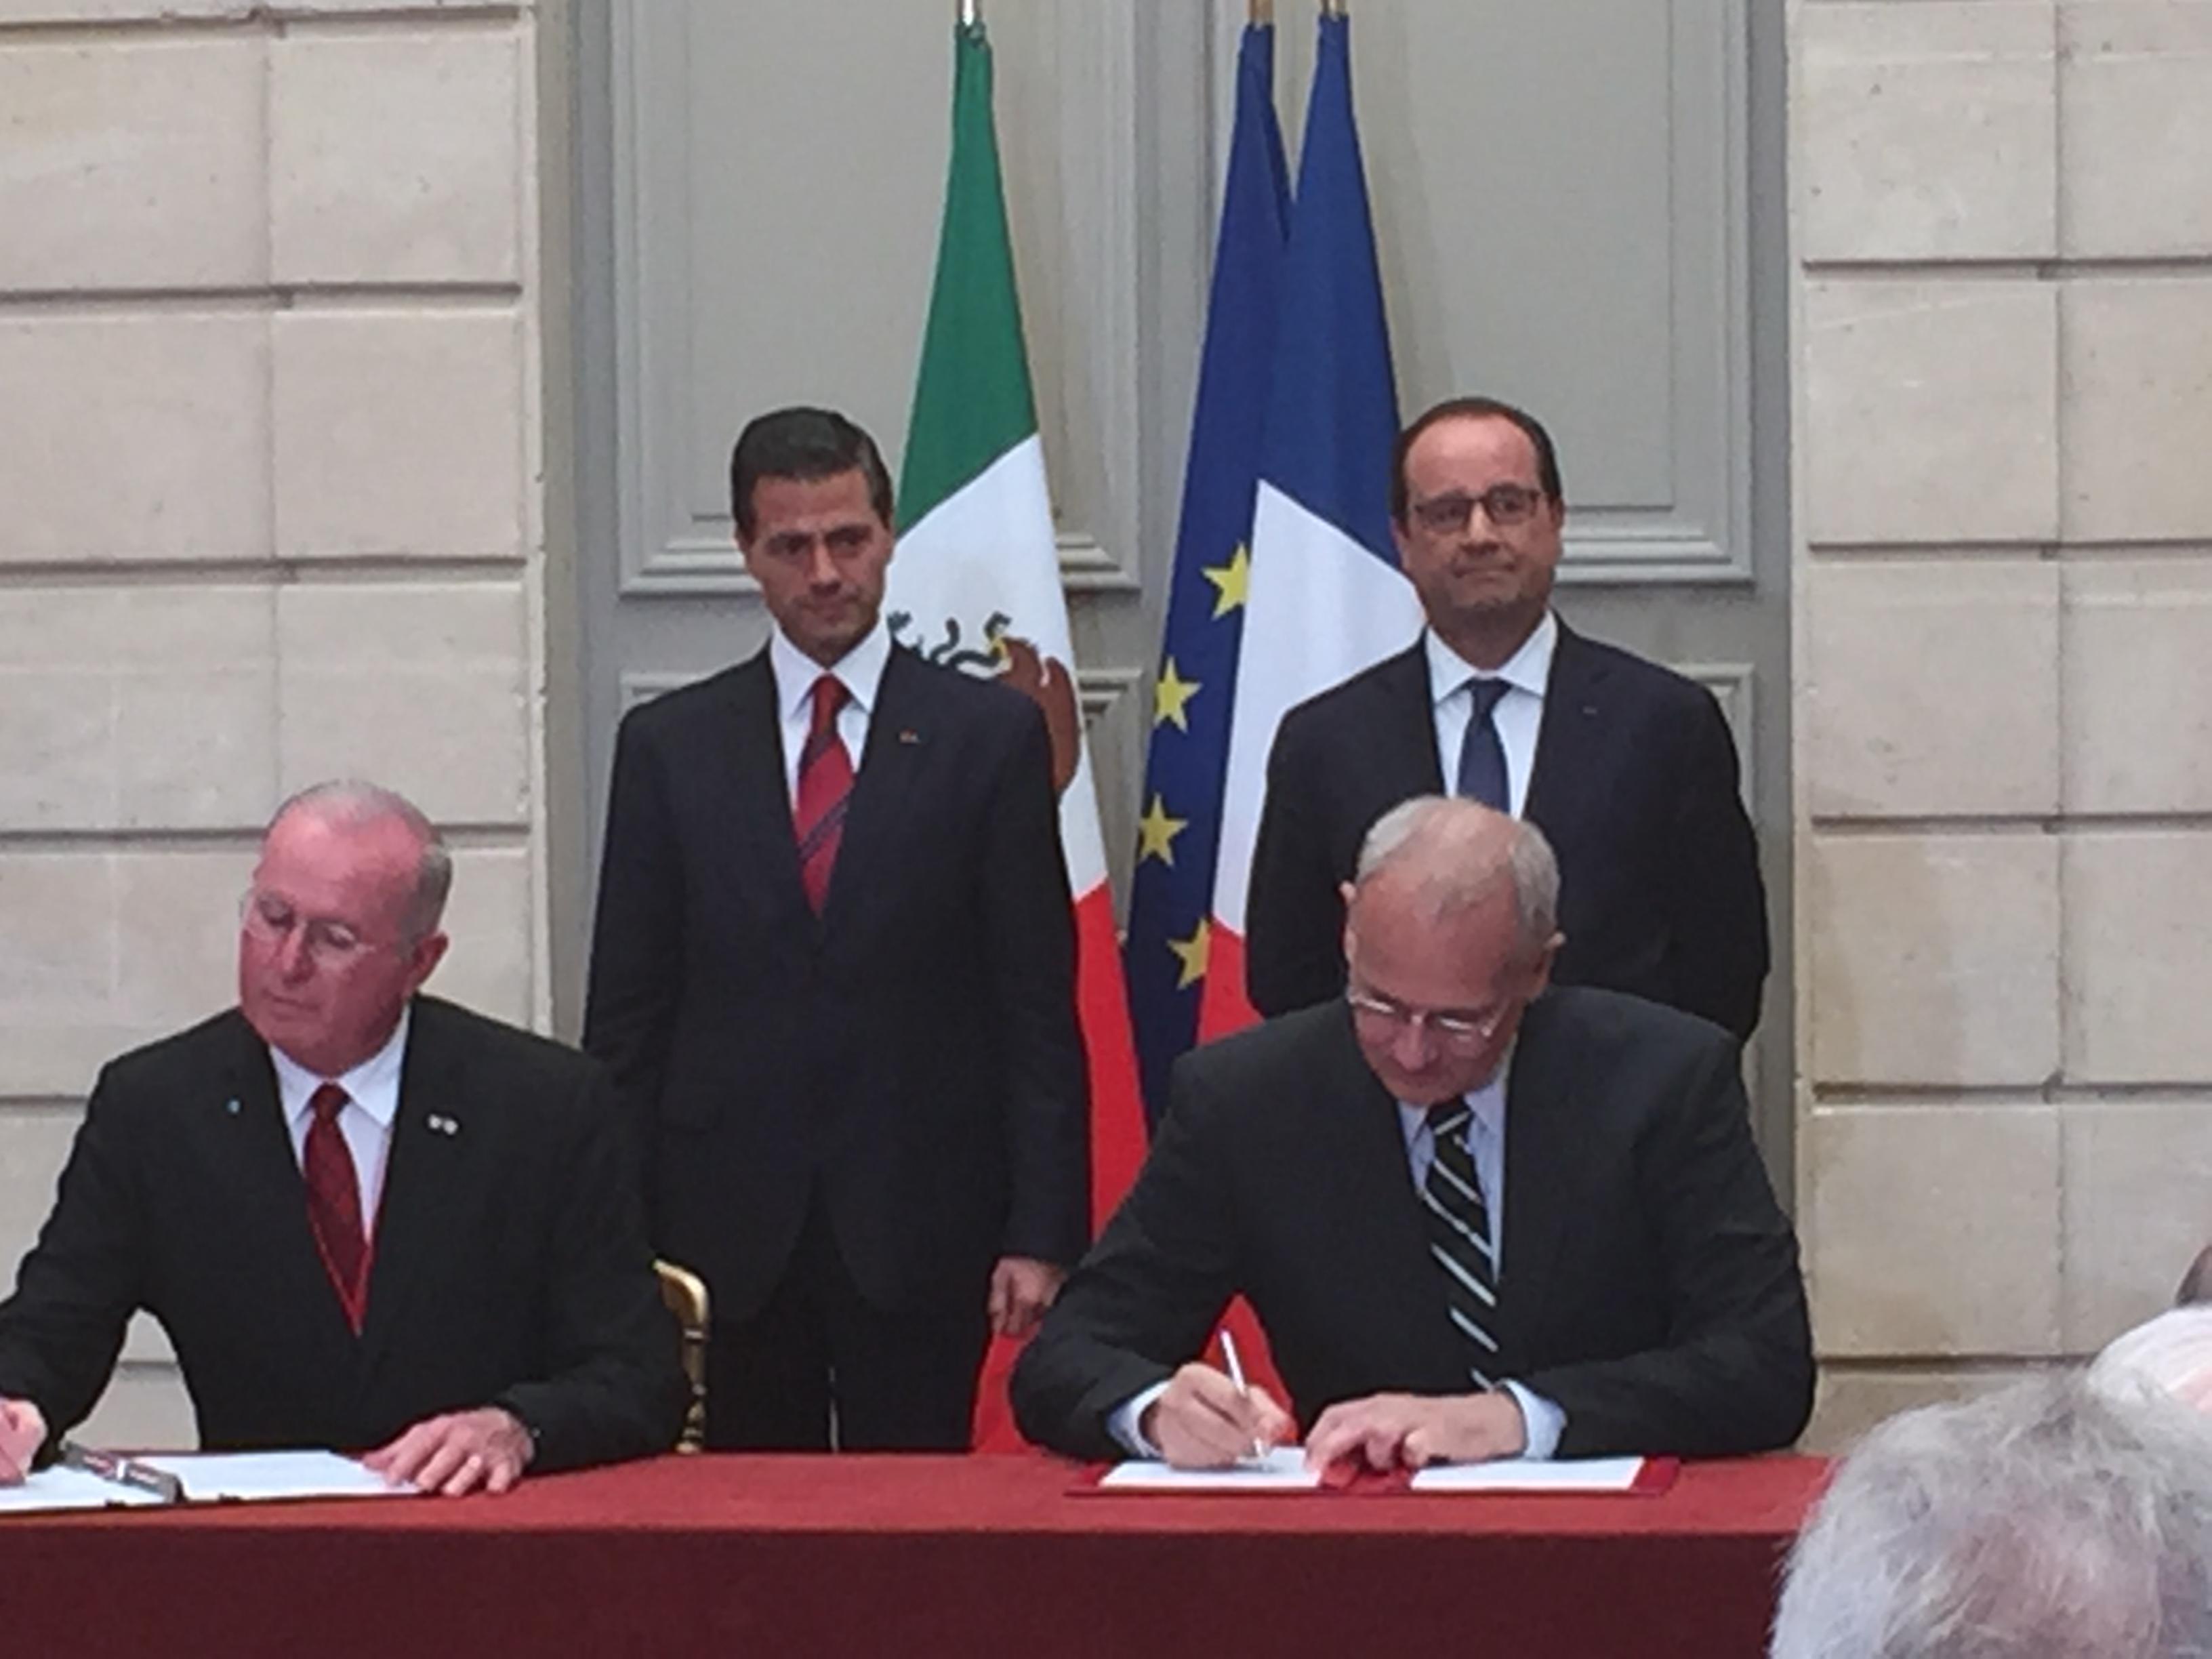 Firman cooperación espacial Francia México en pro del medio ambiente, clima y océanos